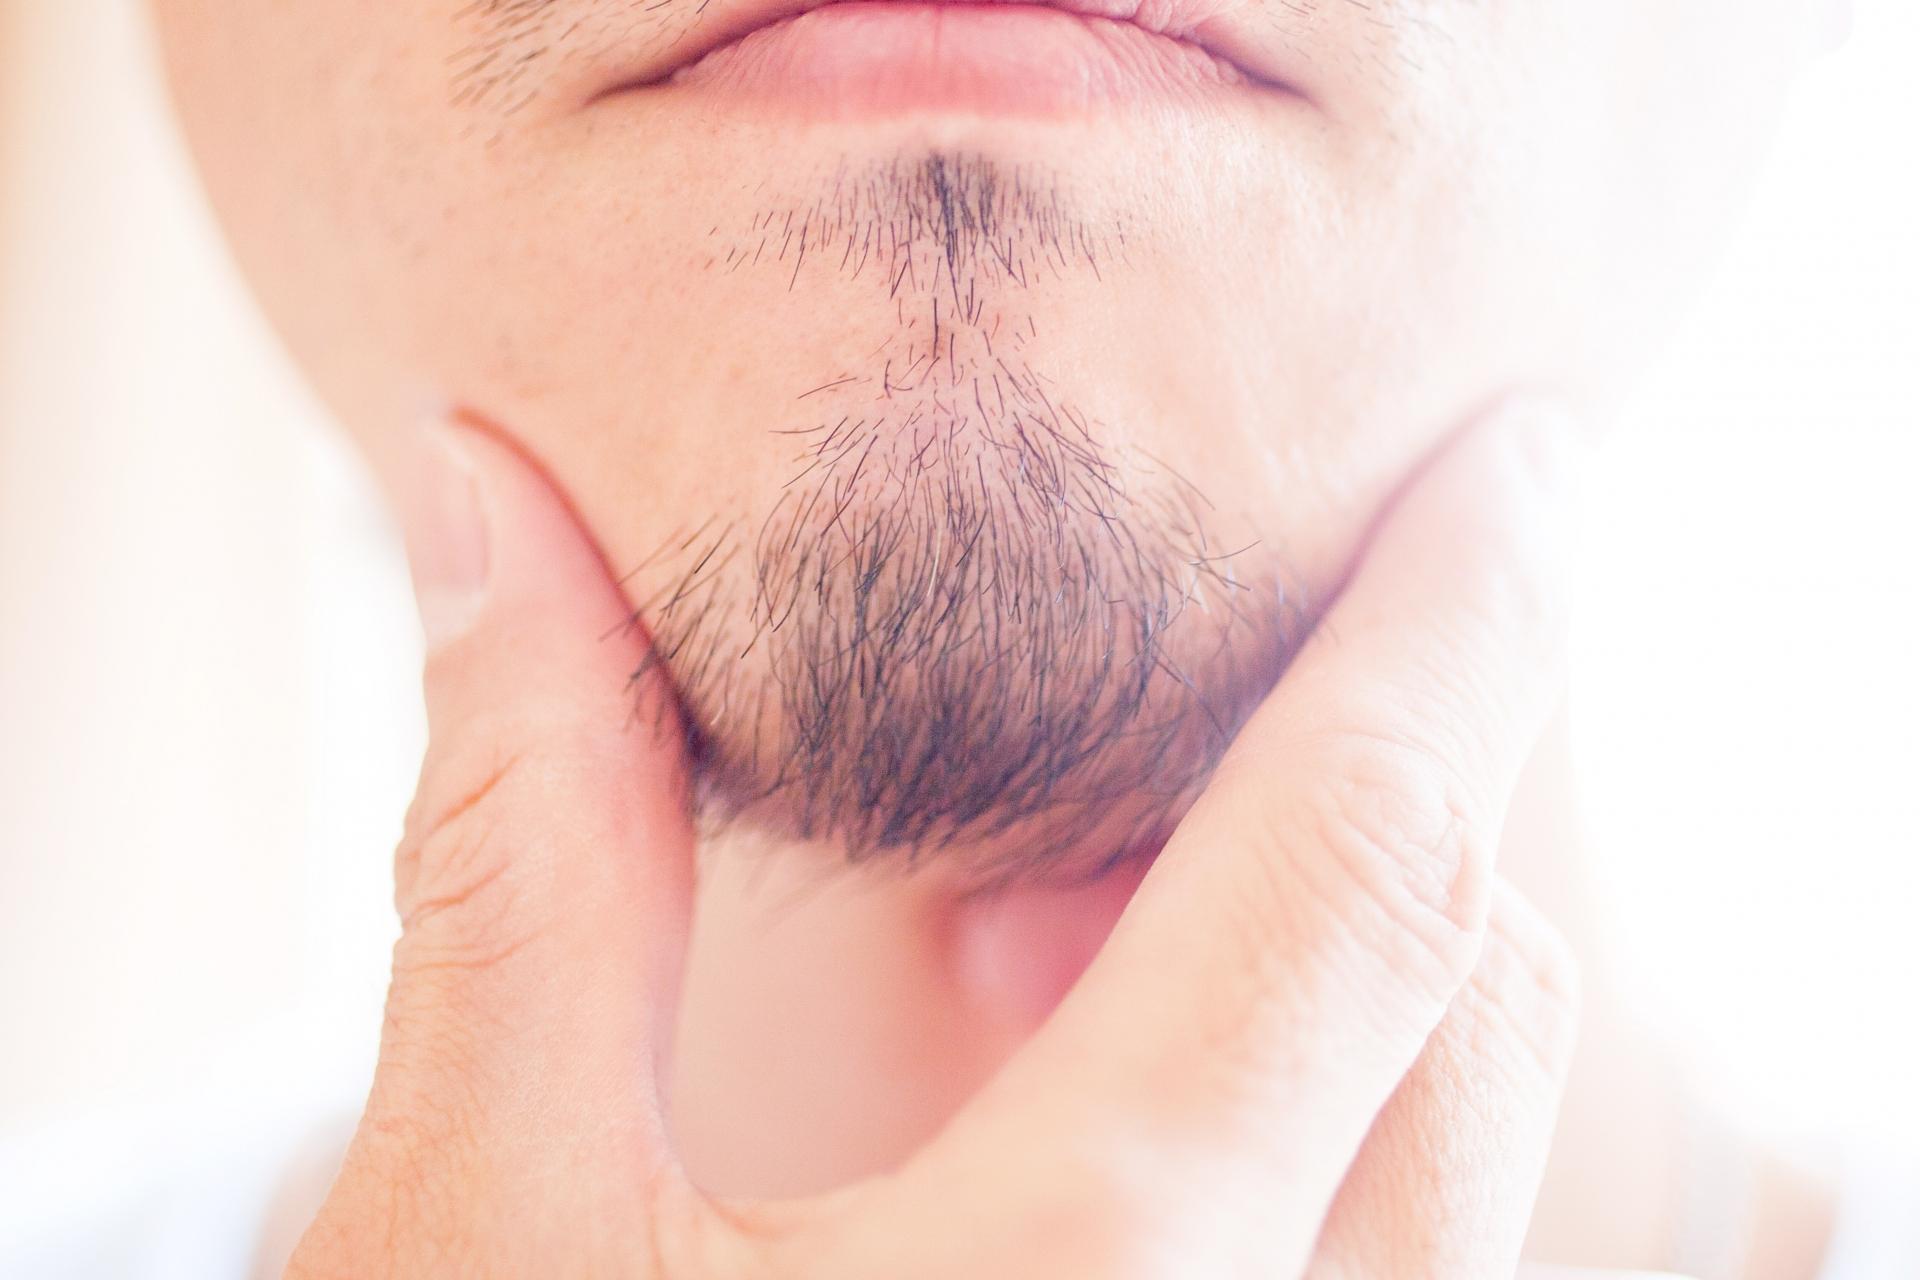 3697742b9eb82262b7fea0b55aa4d9b8 m 男性型脱毛症の初期症状とは?毛周期との関係性